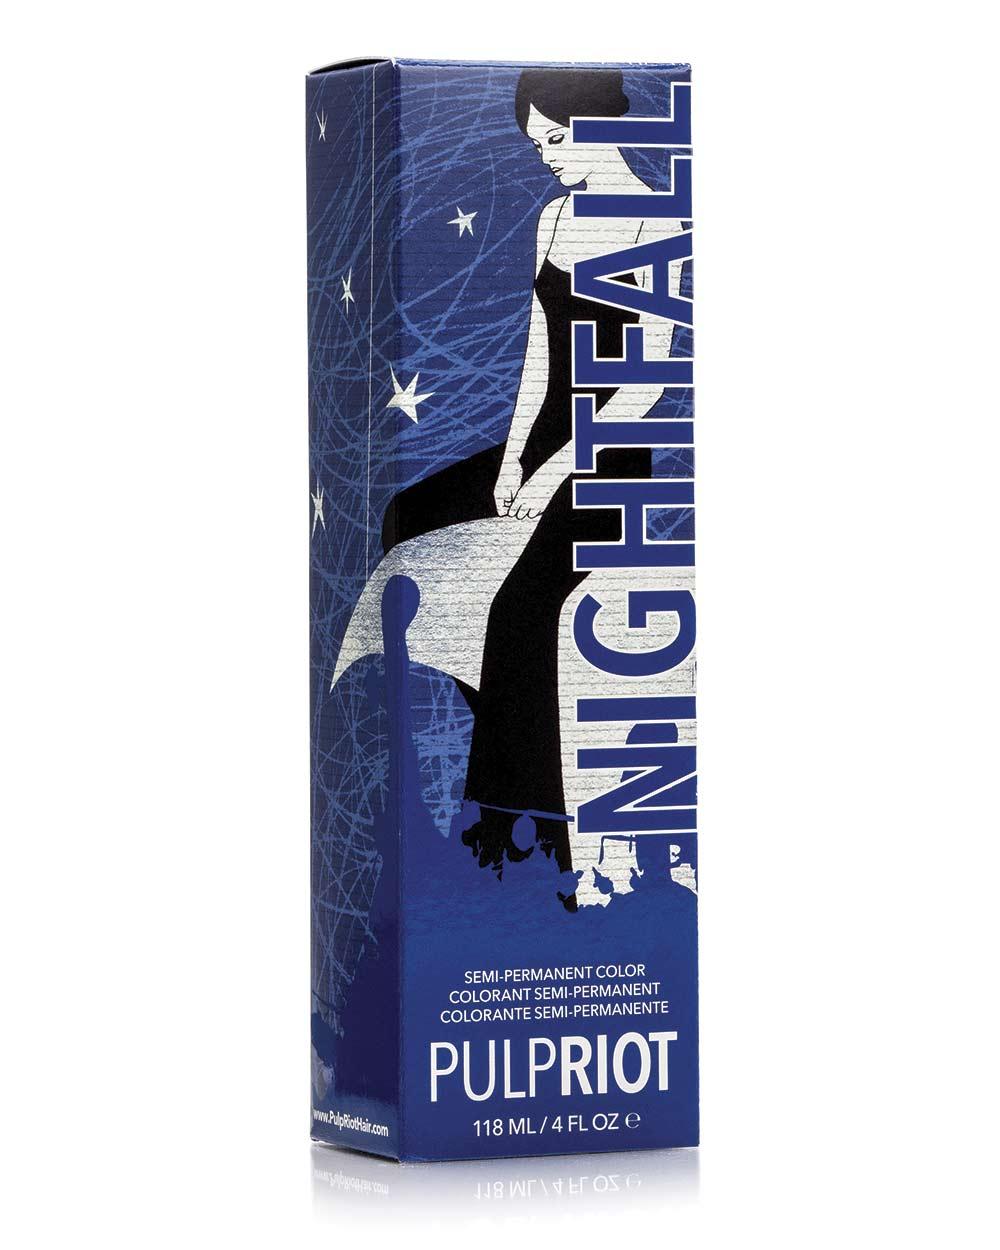 Pulp-Riot-04.jpg